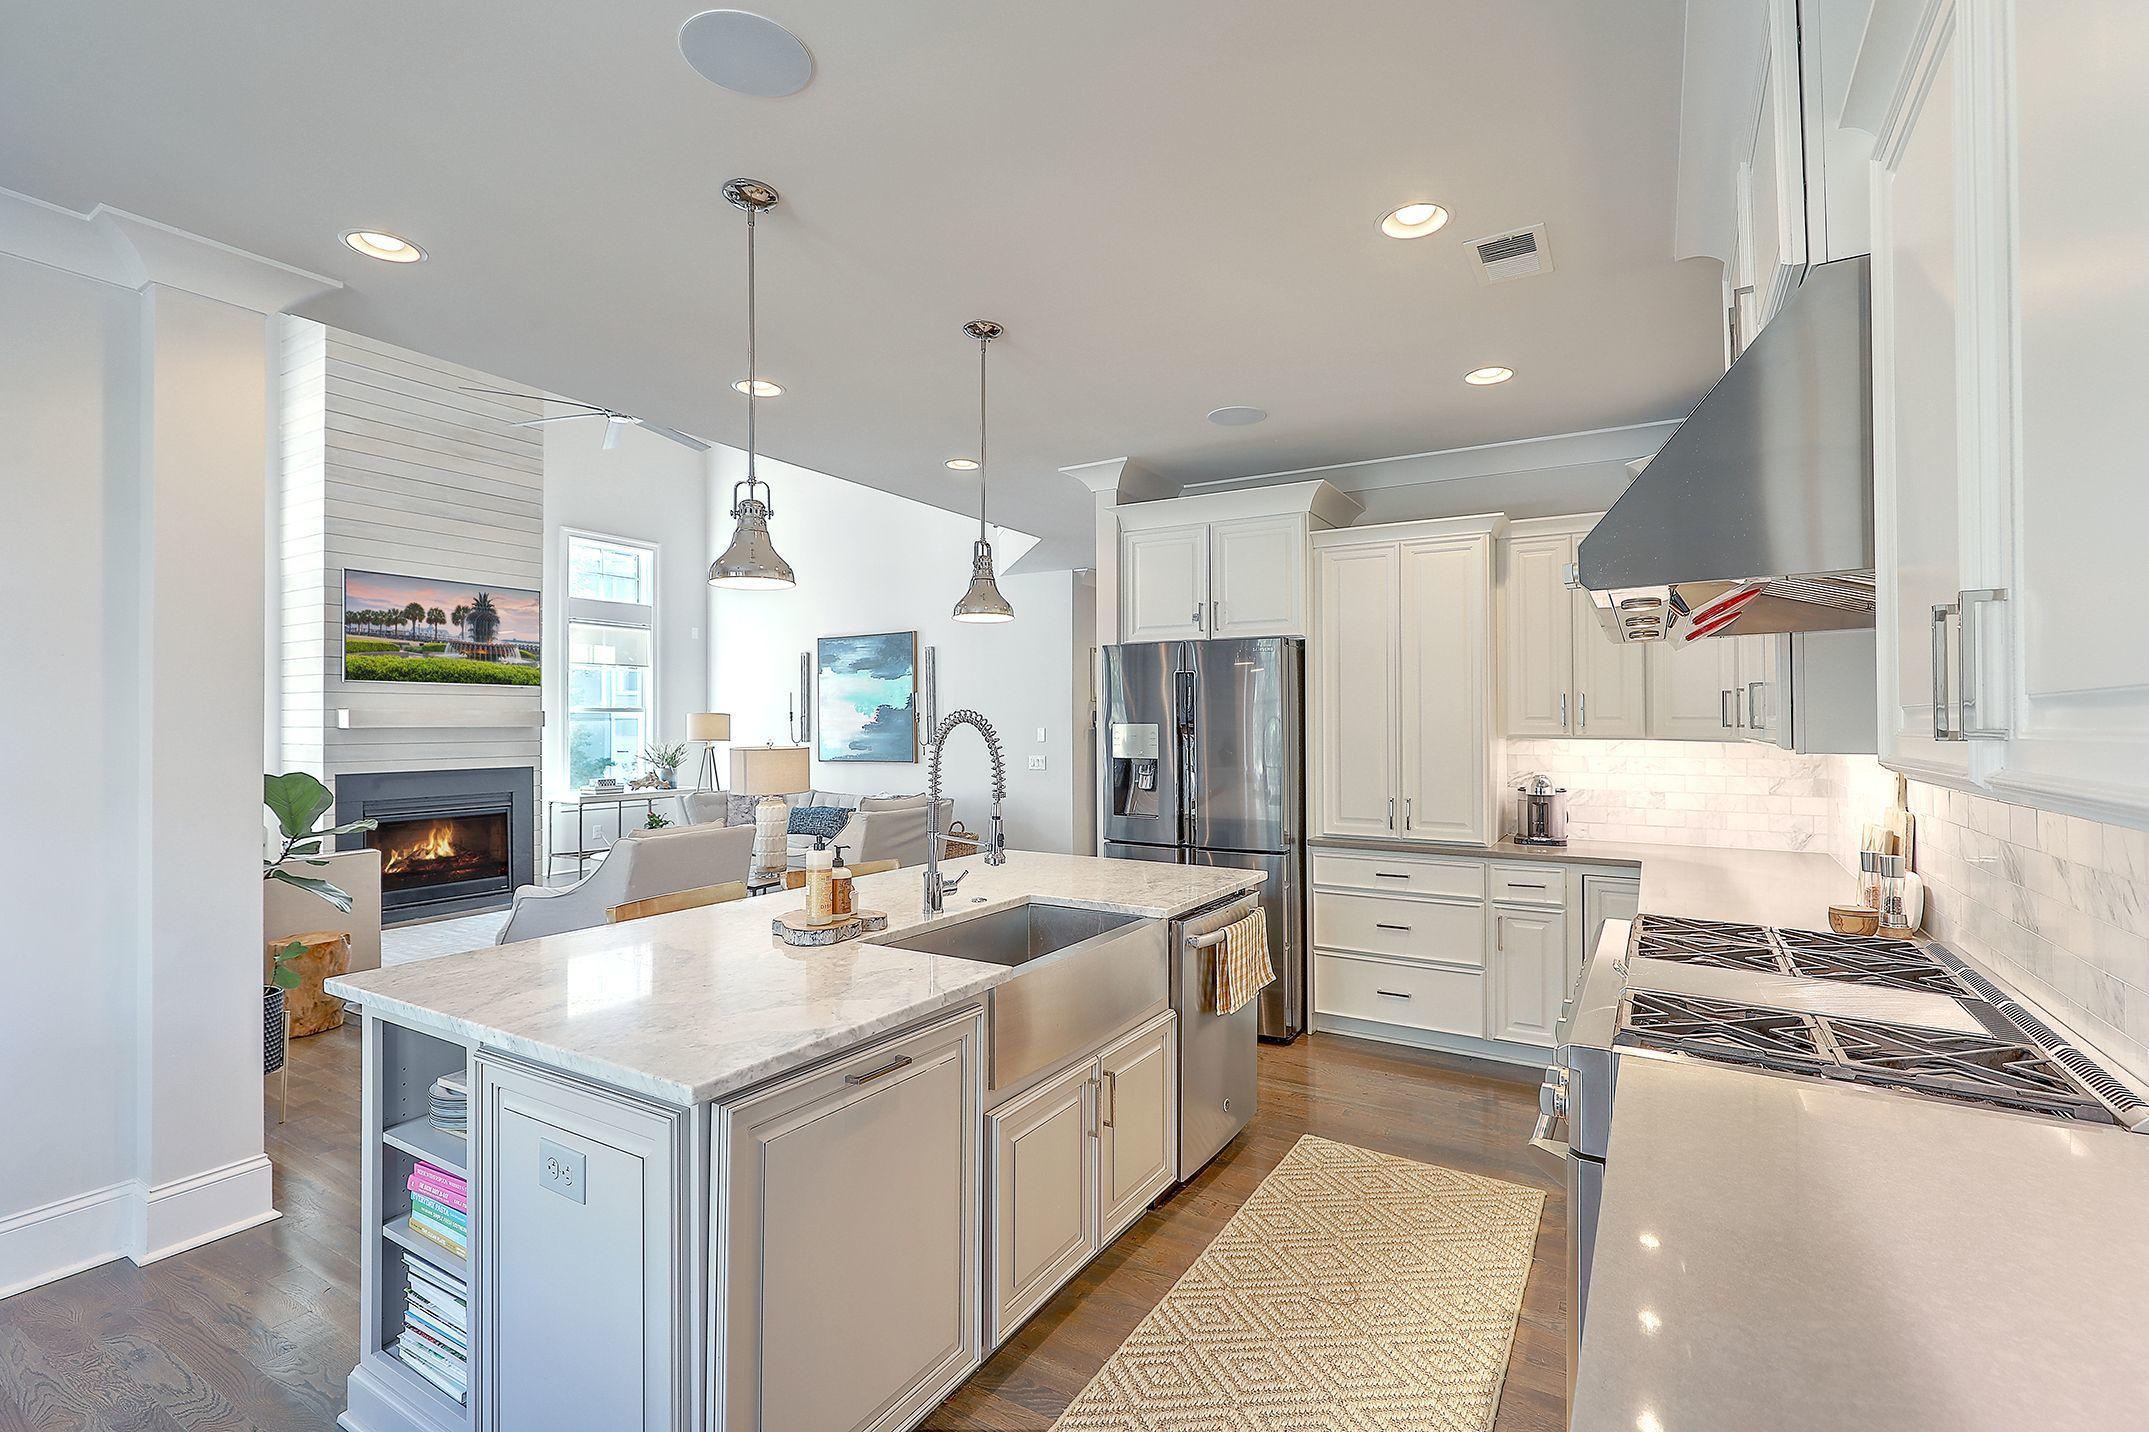 Park West Homes For Sale - 1587 Capel, Mount Pleasant, SC - 55